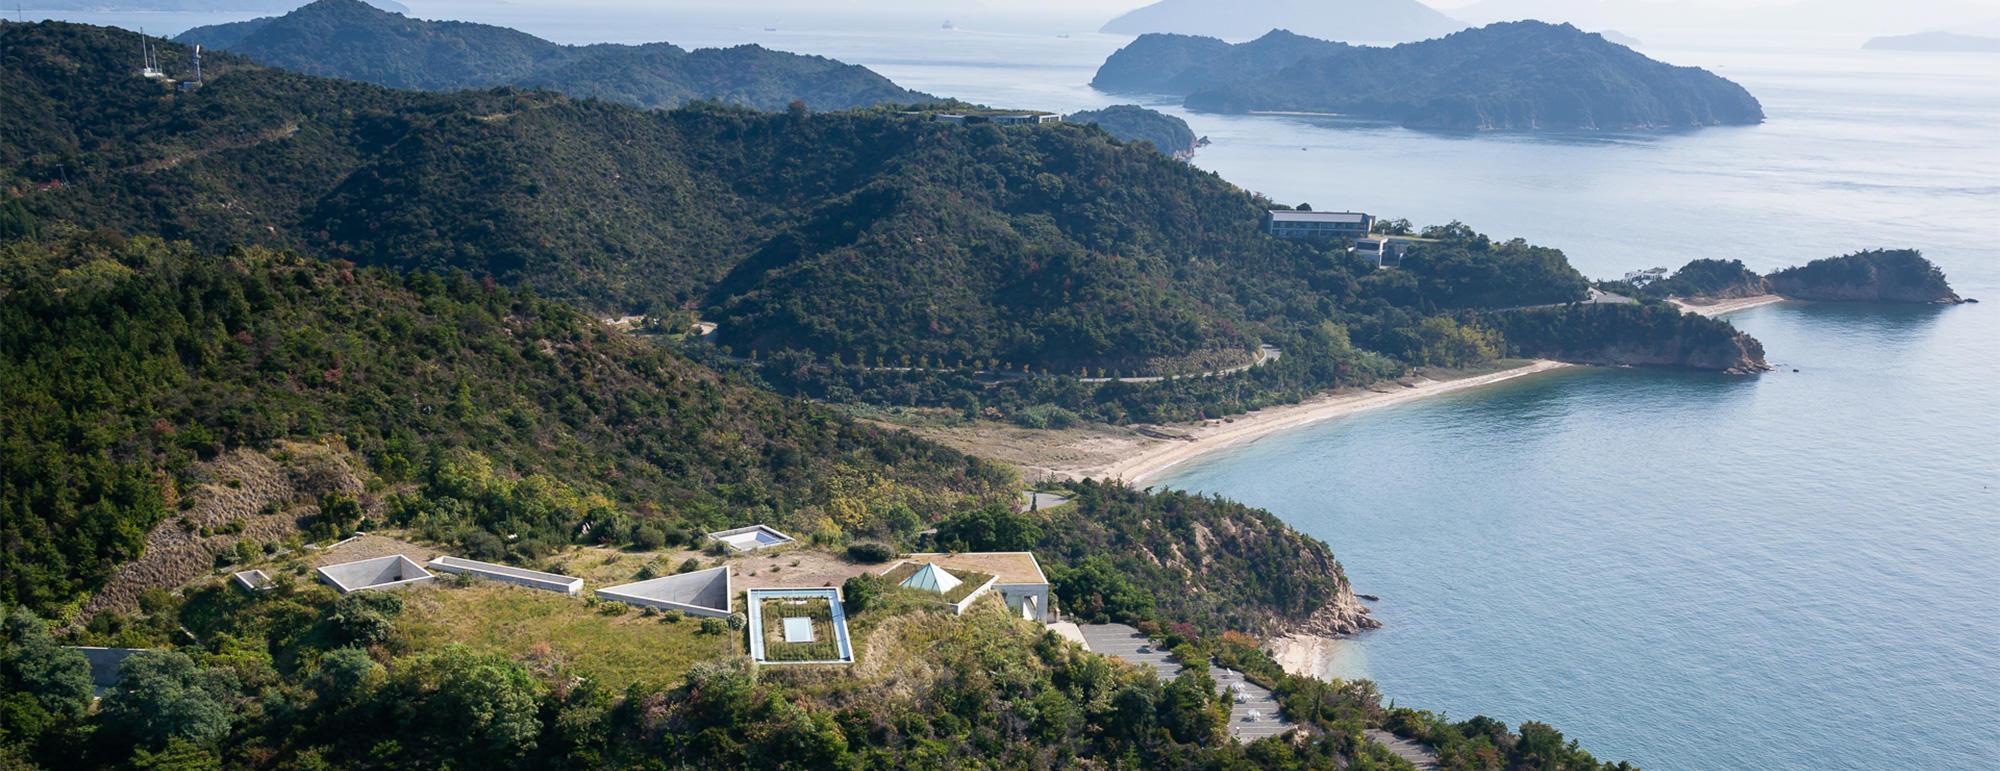 Benesse Art Site Naoshima Kagawa IS JAPAN COOLTravel And - Japan map naoshima